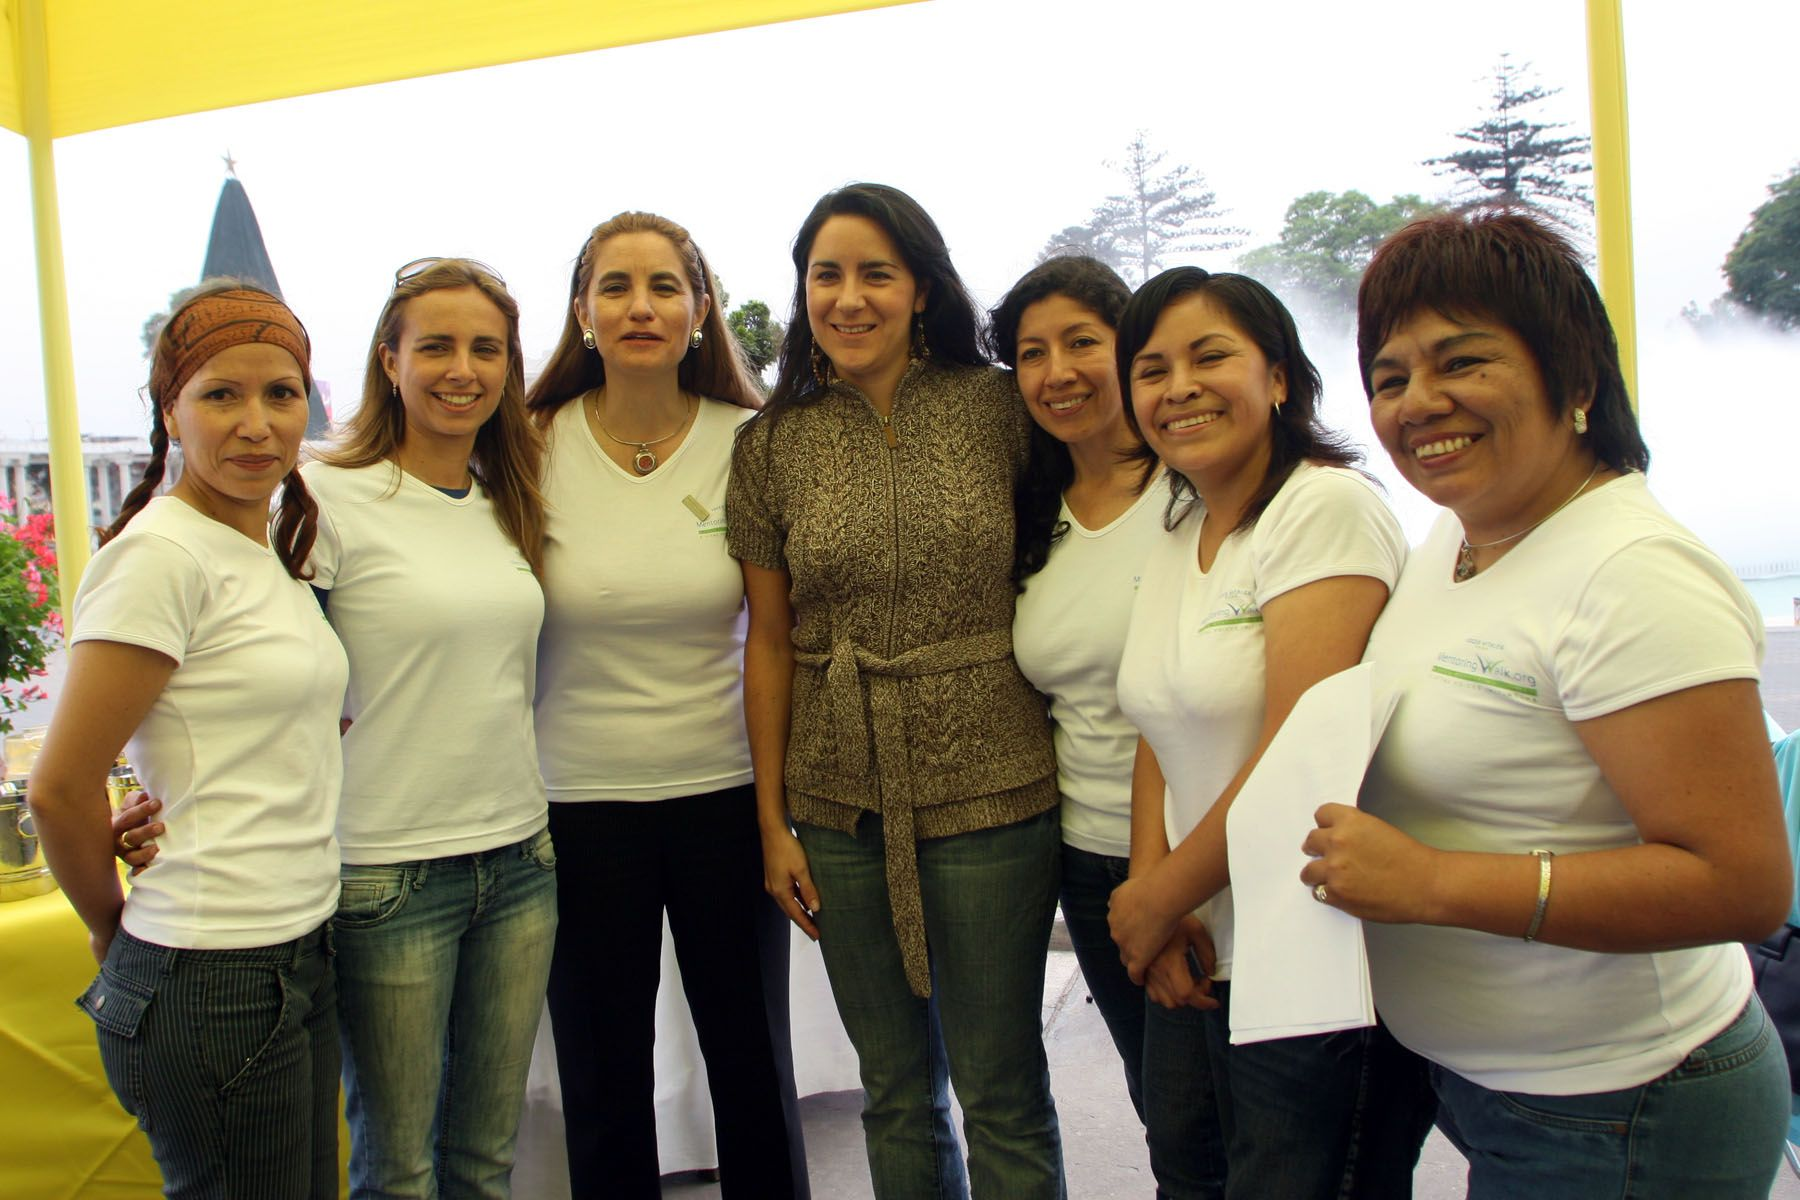 """Lanzamiento del Proyecto """"Voces Vitales"""" em el Parque de la Exposición. Foto: ANDINA / Carolina Urra"""